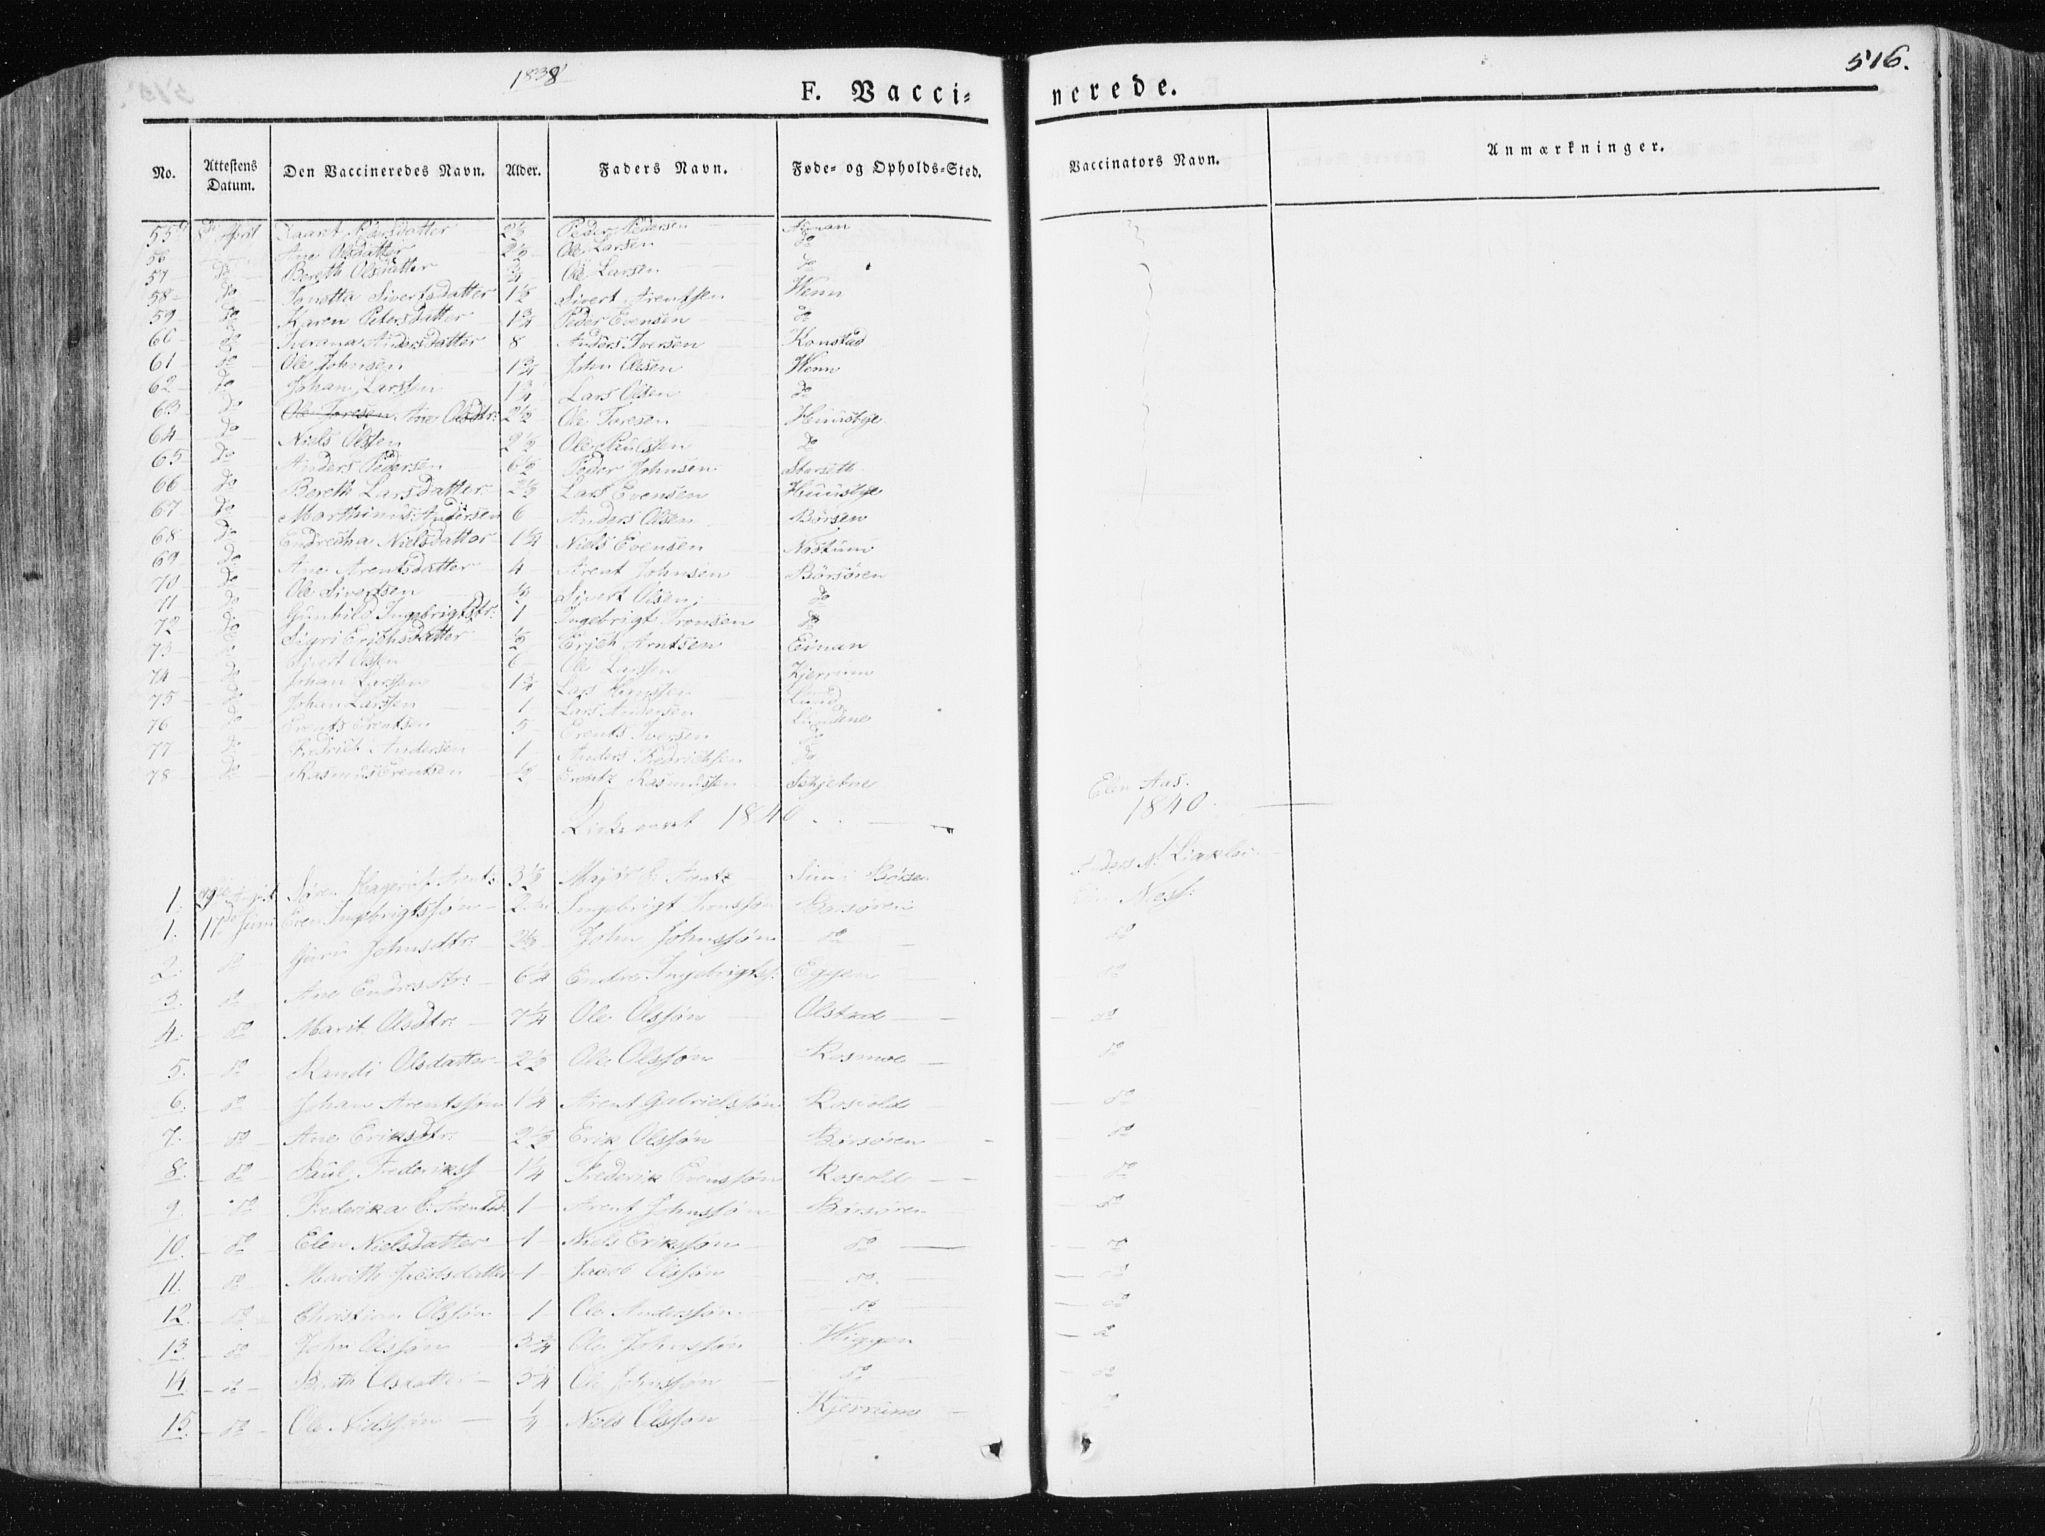 SAT, Ministerialprotokoller, klokkerbøker og fødselsregistre - Sør-Trøndelag, 665/L0771: Ministerialbok nr. 665A06, 1830-1856, s. 516